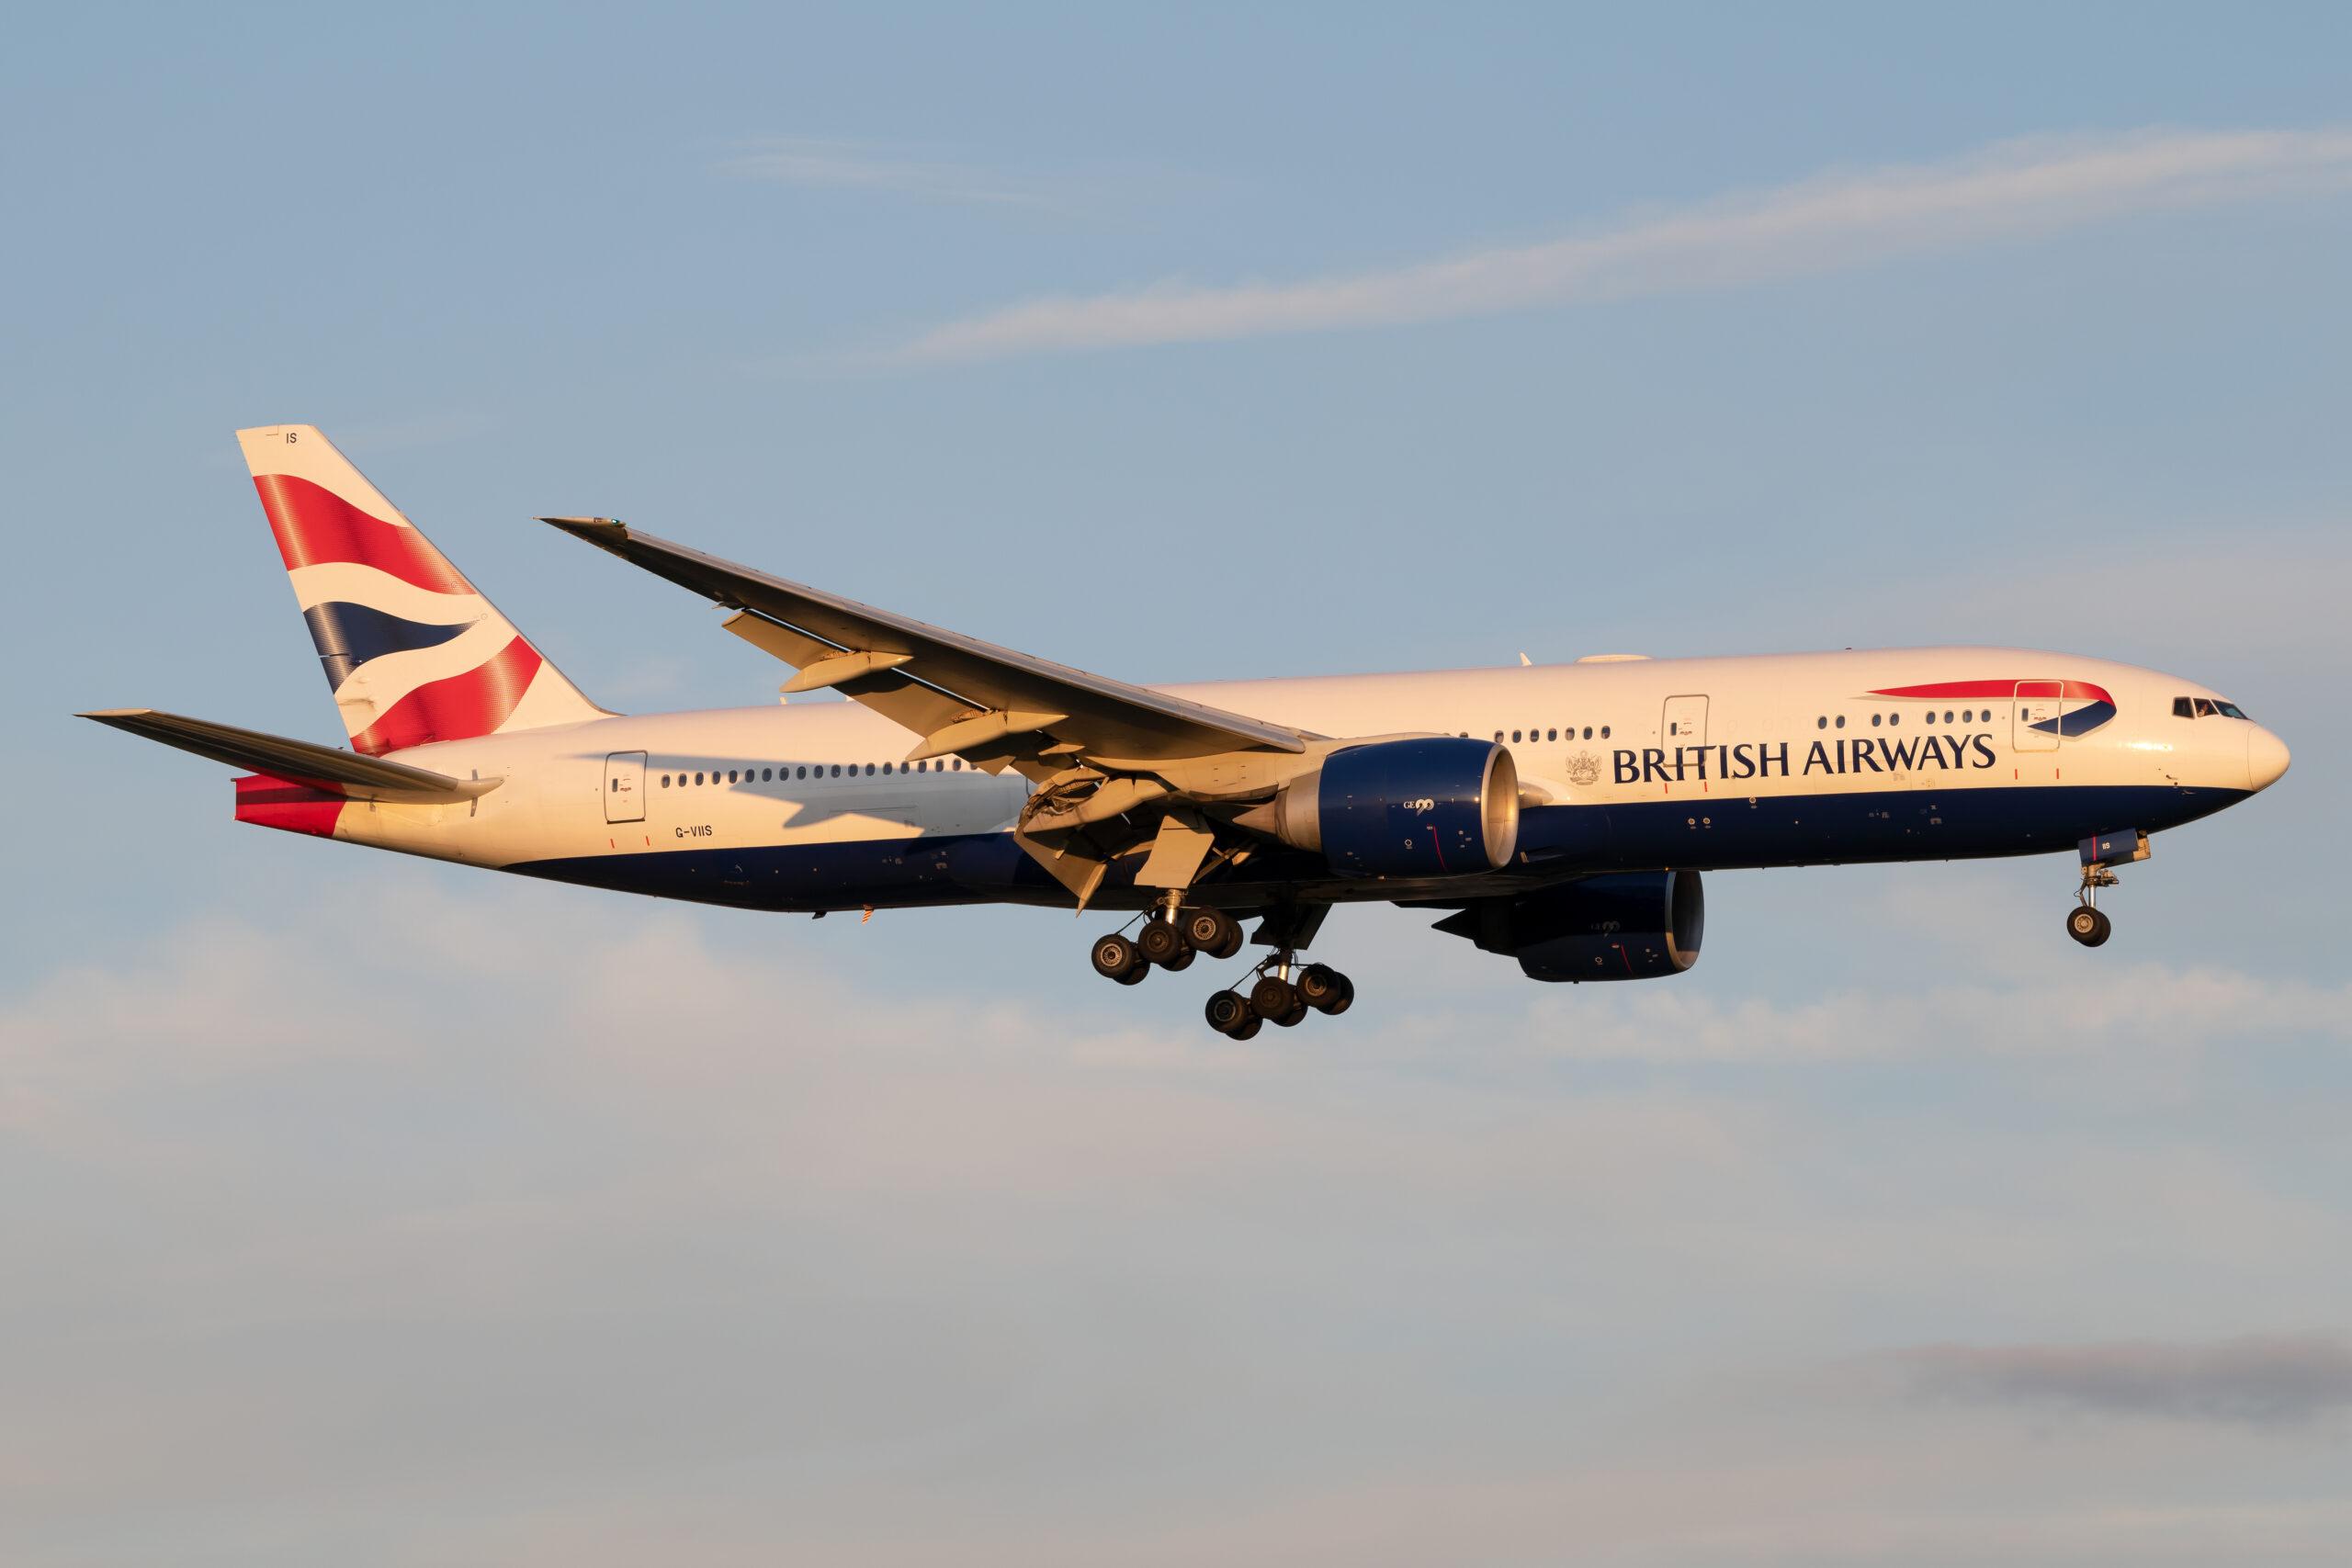 British Airways ondervindt moeilijkheden om bemanningen naar India te laten vliegen